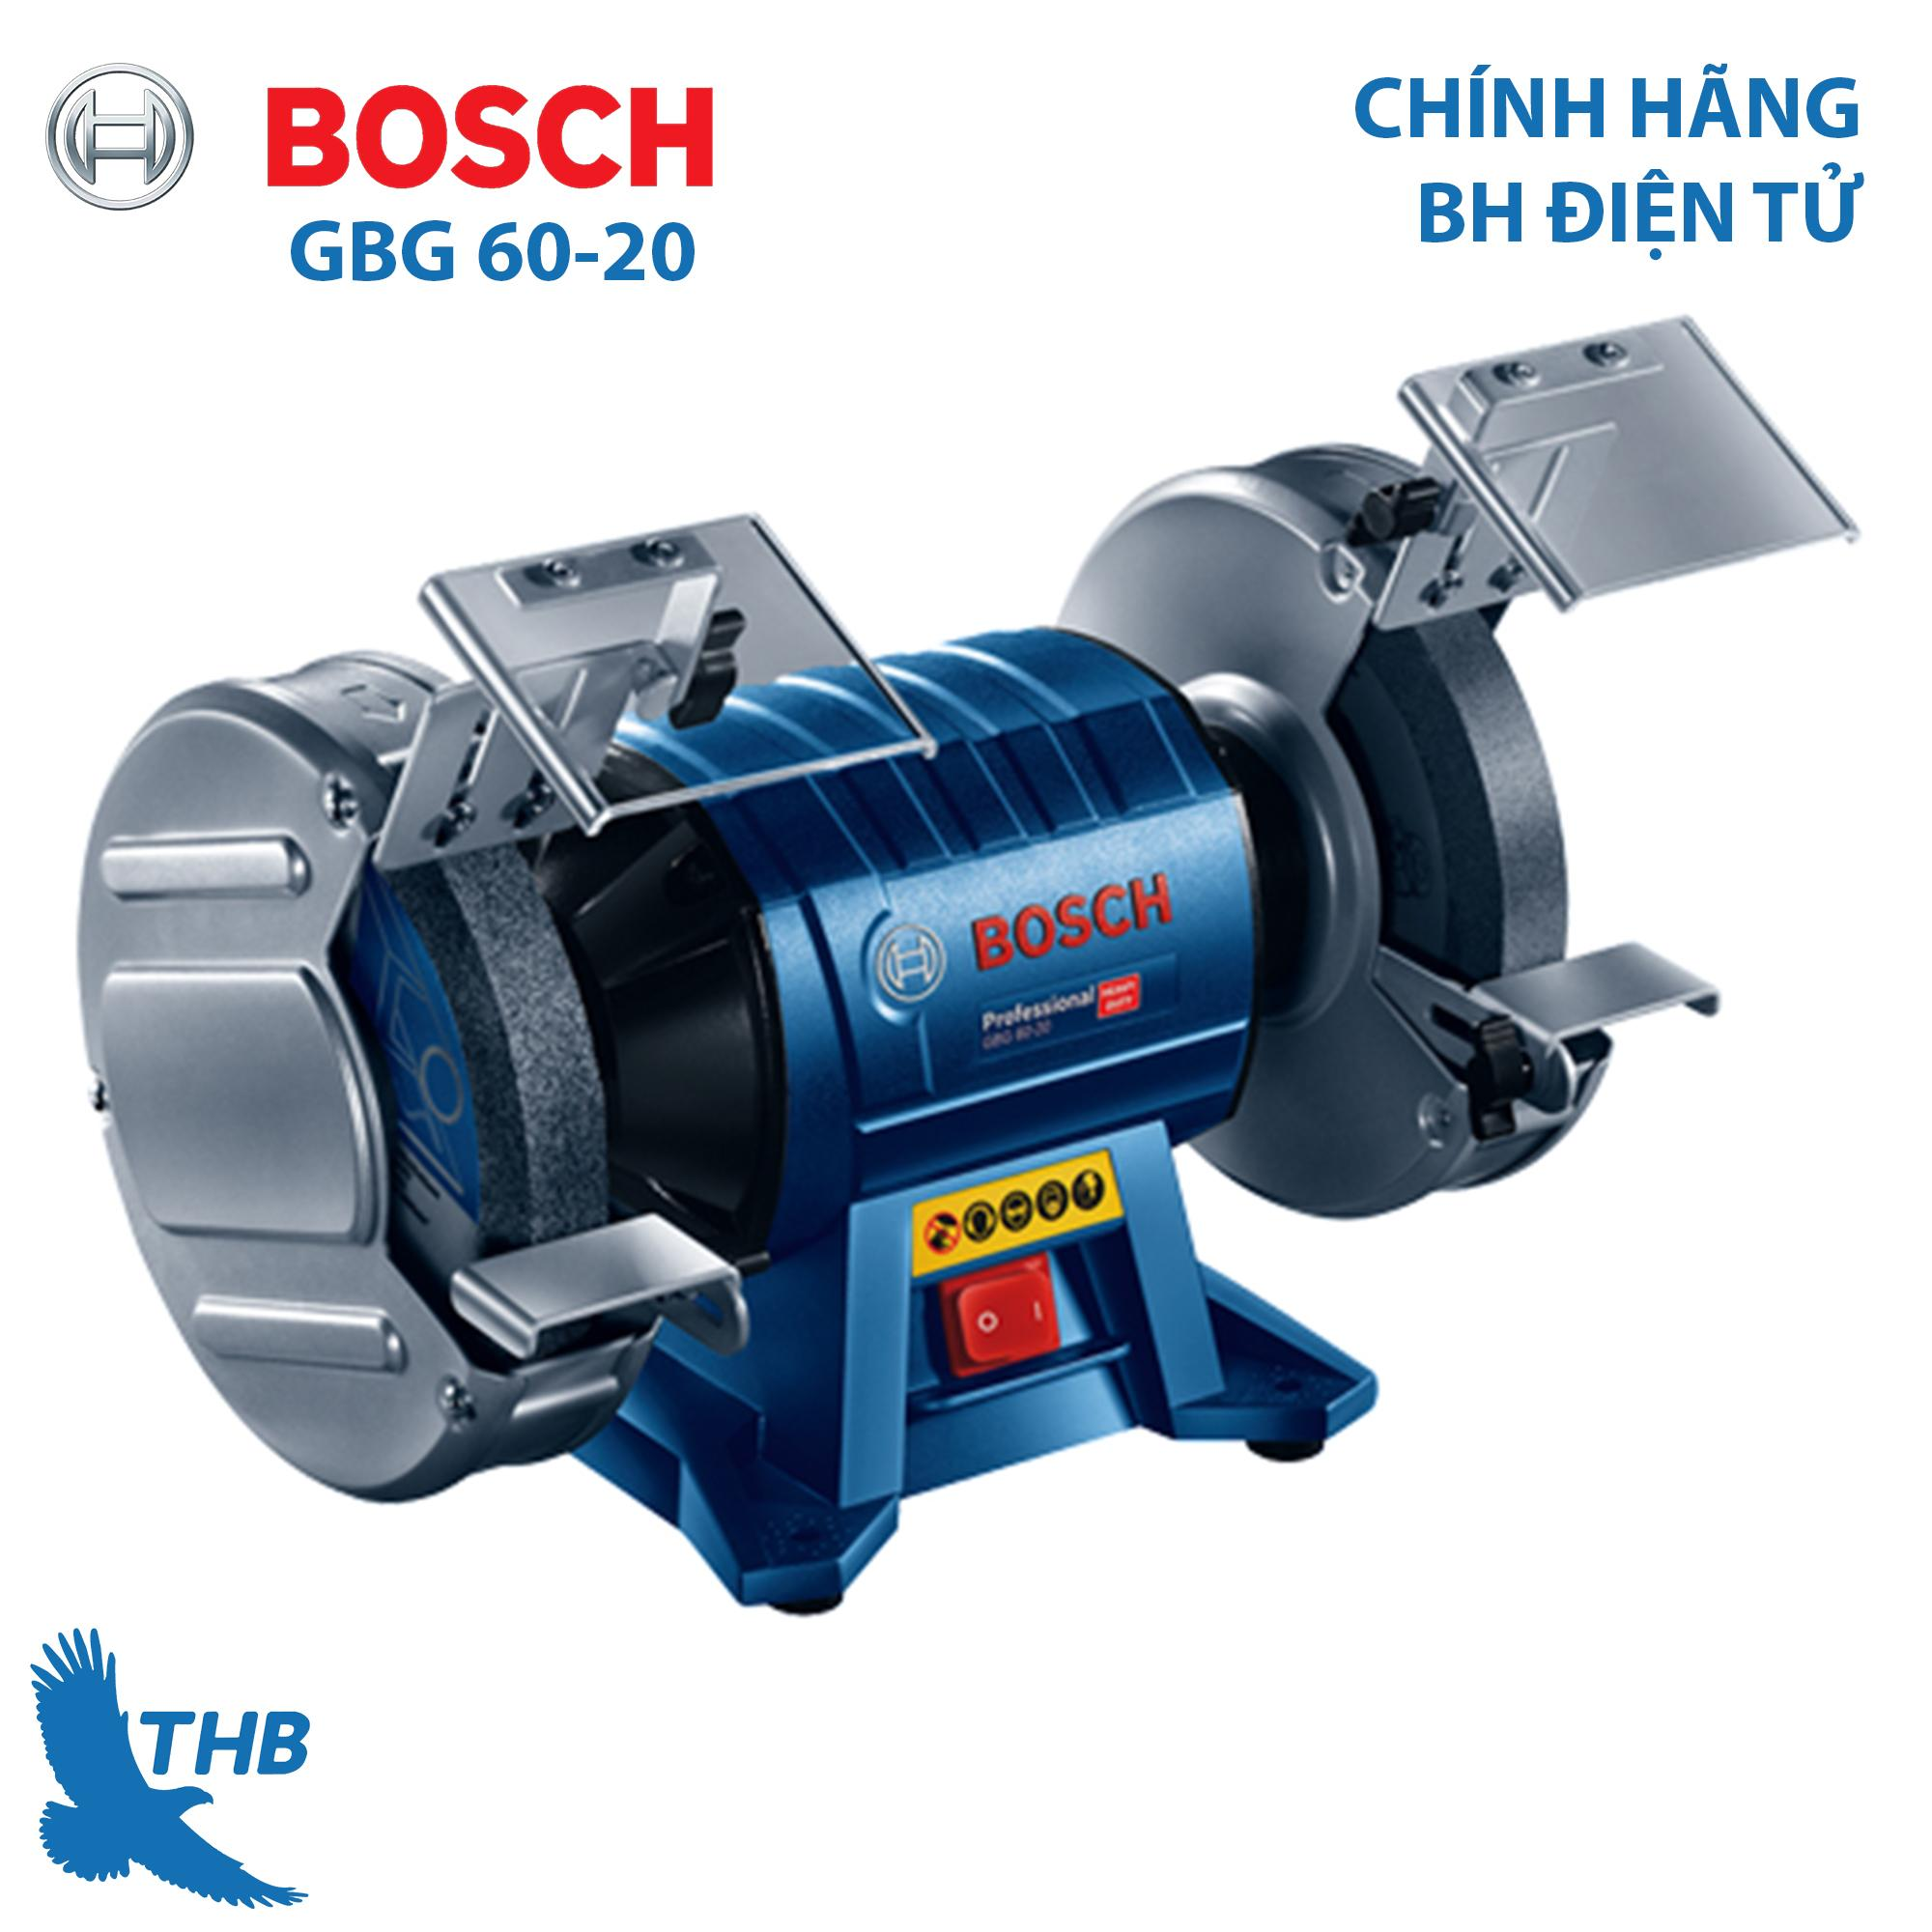 Máy mài bàn Máy mài hai đá Bosch GBG 60-20 Công suất 600W Đá mài 200mm Bảo hành điện tử 12 tháng